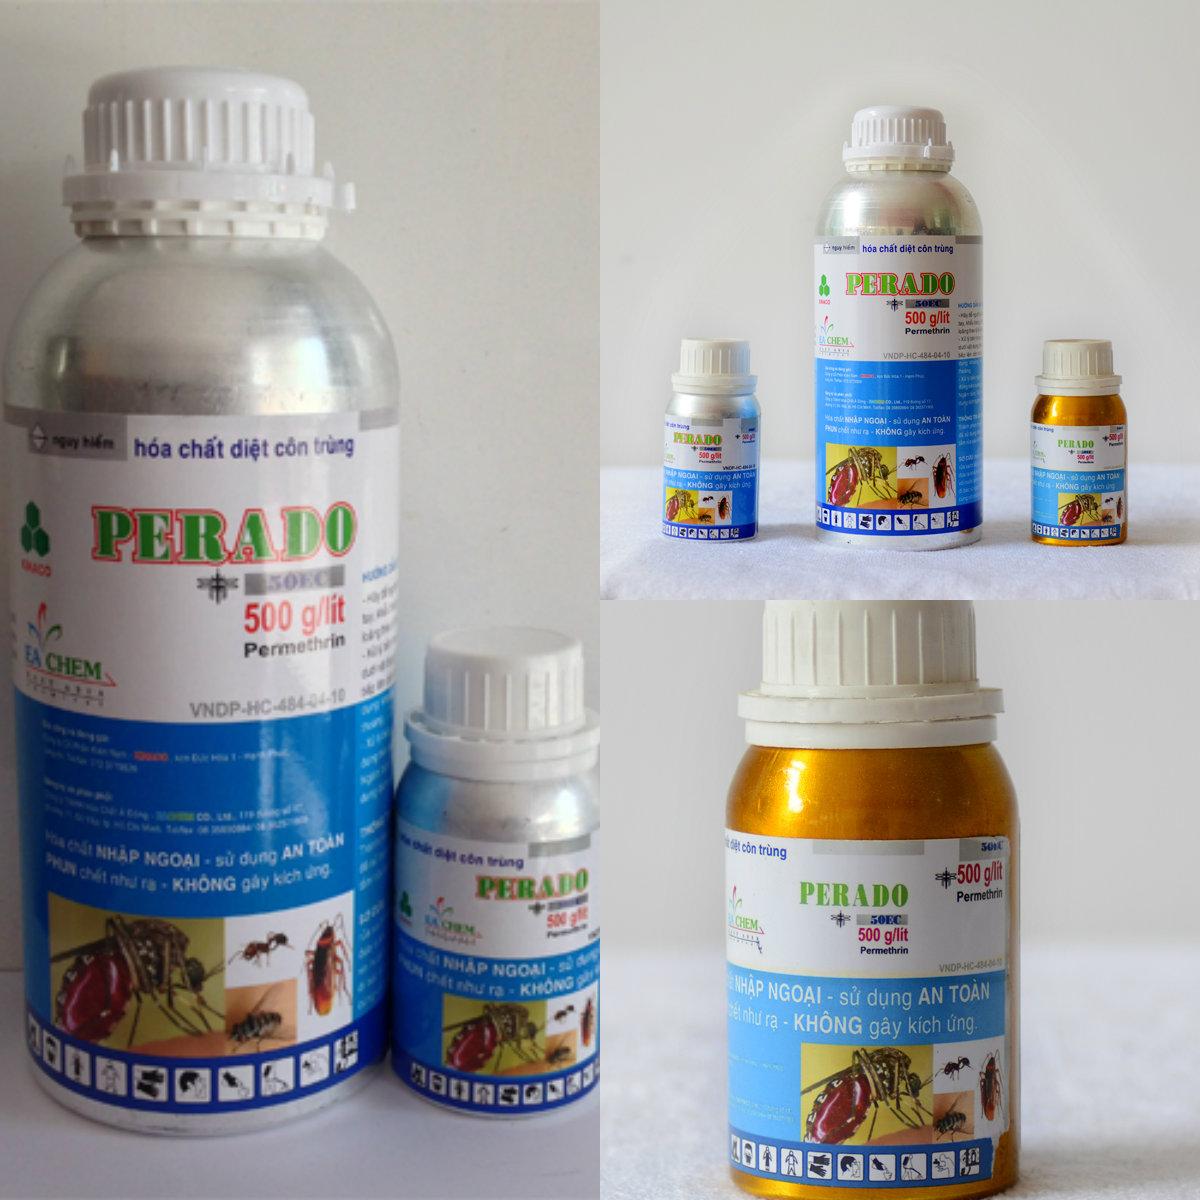 Chúng tôi chuyên cung cấp Thuốc Diệt Côn Trùng PERADO 50EC Nhập Khẩu Ấn Độ, giá rẻ. Lh: 0908145811 Ms Nhàn